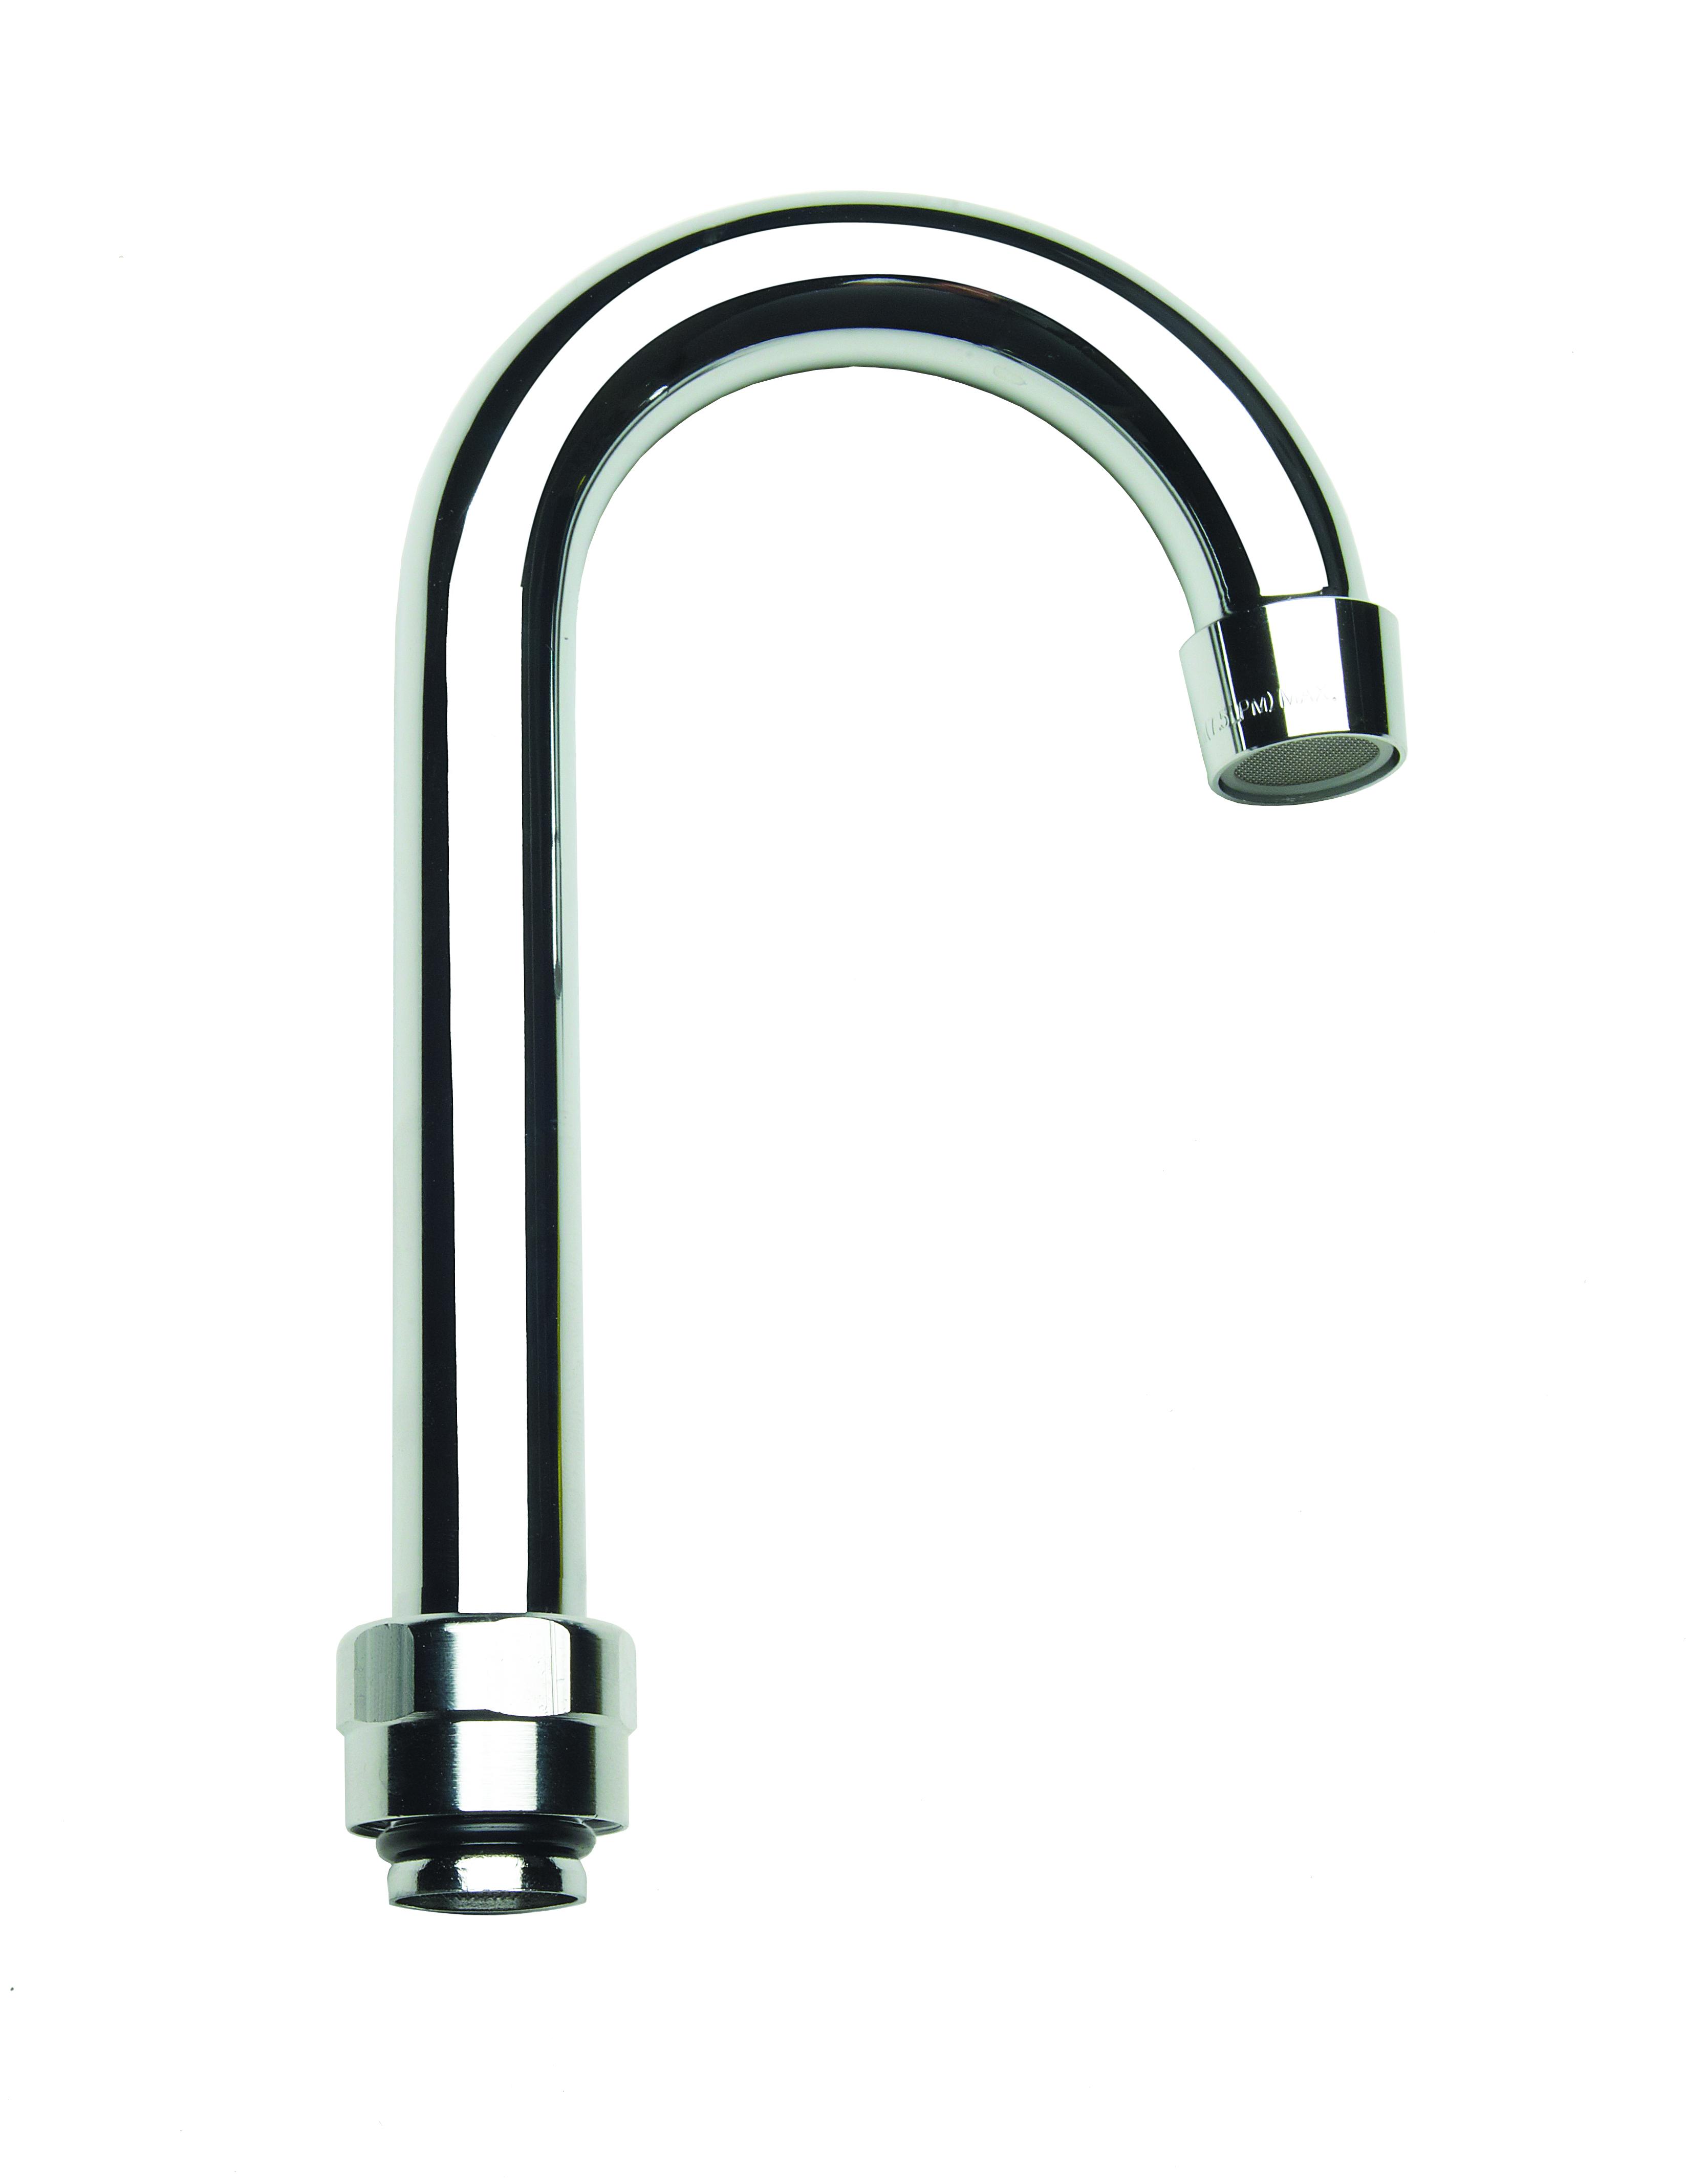 Krowne Metal 21-427L faucet, spout / nozzle